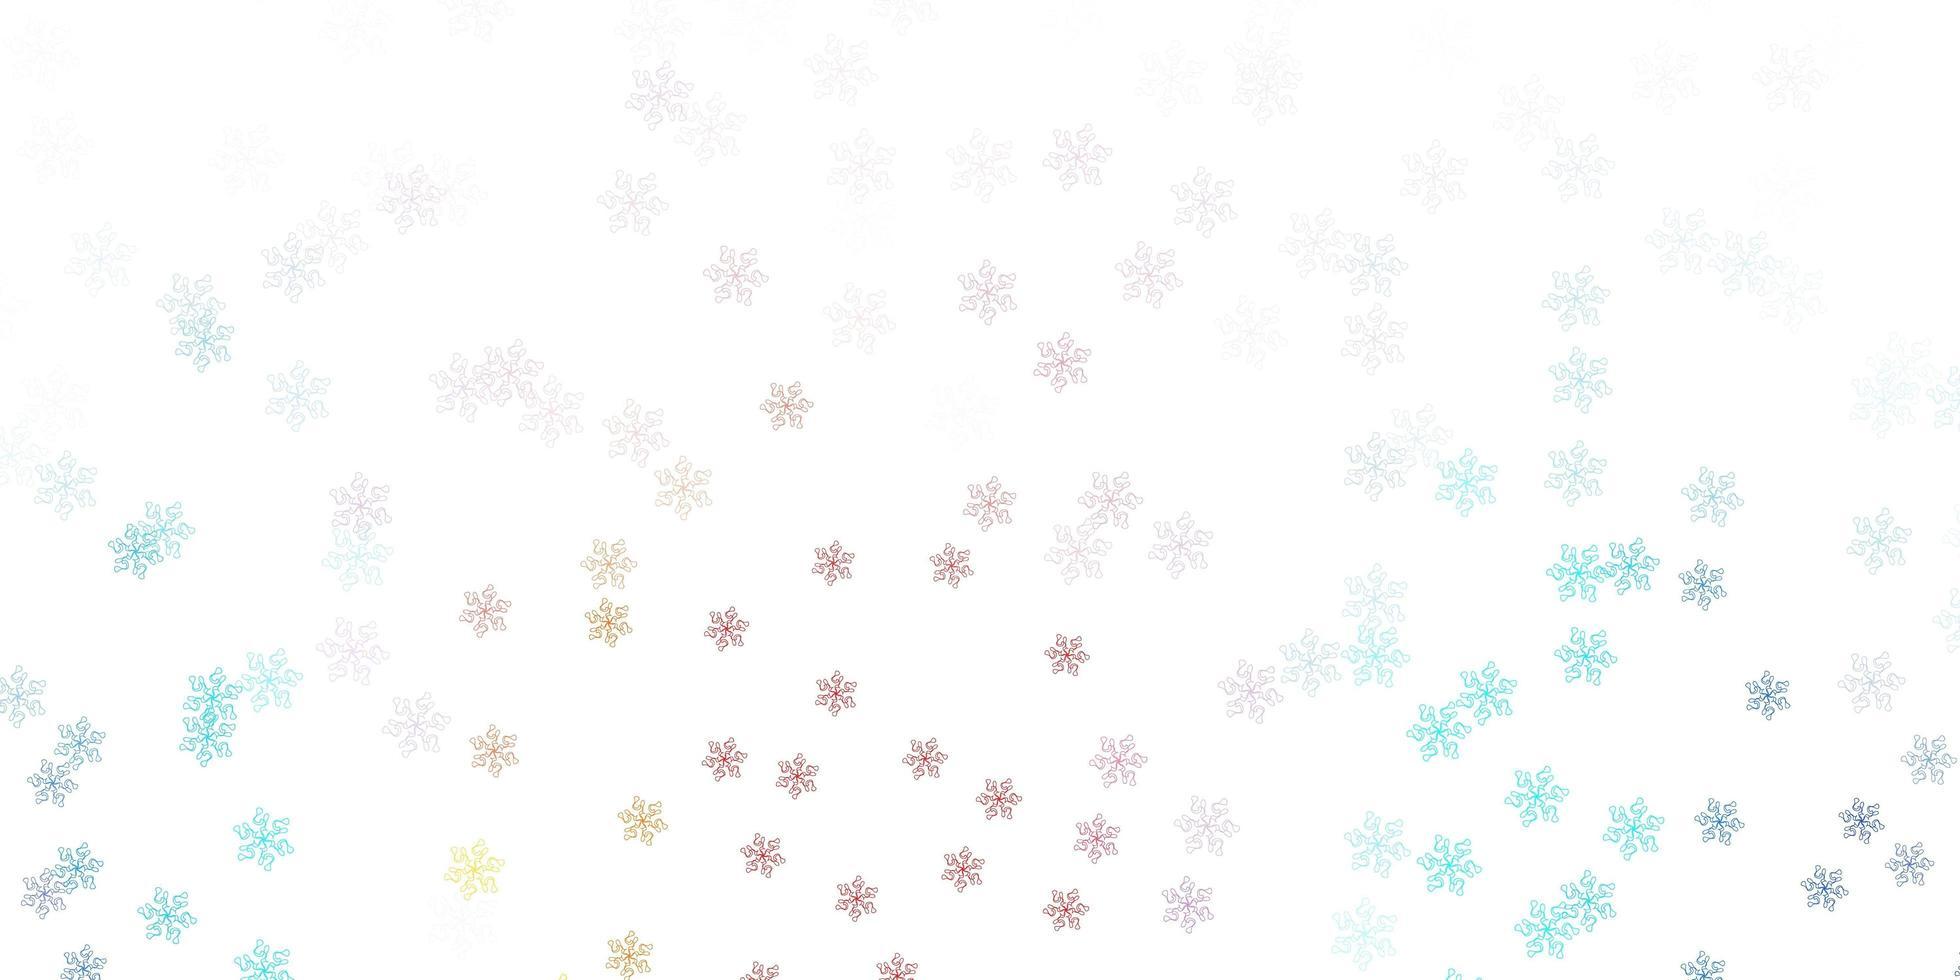 textura de doodle azul e vermelho claro com flores. vetor